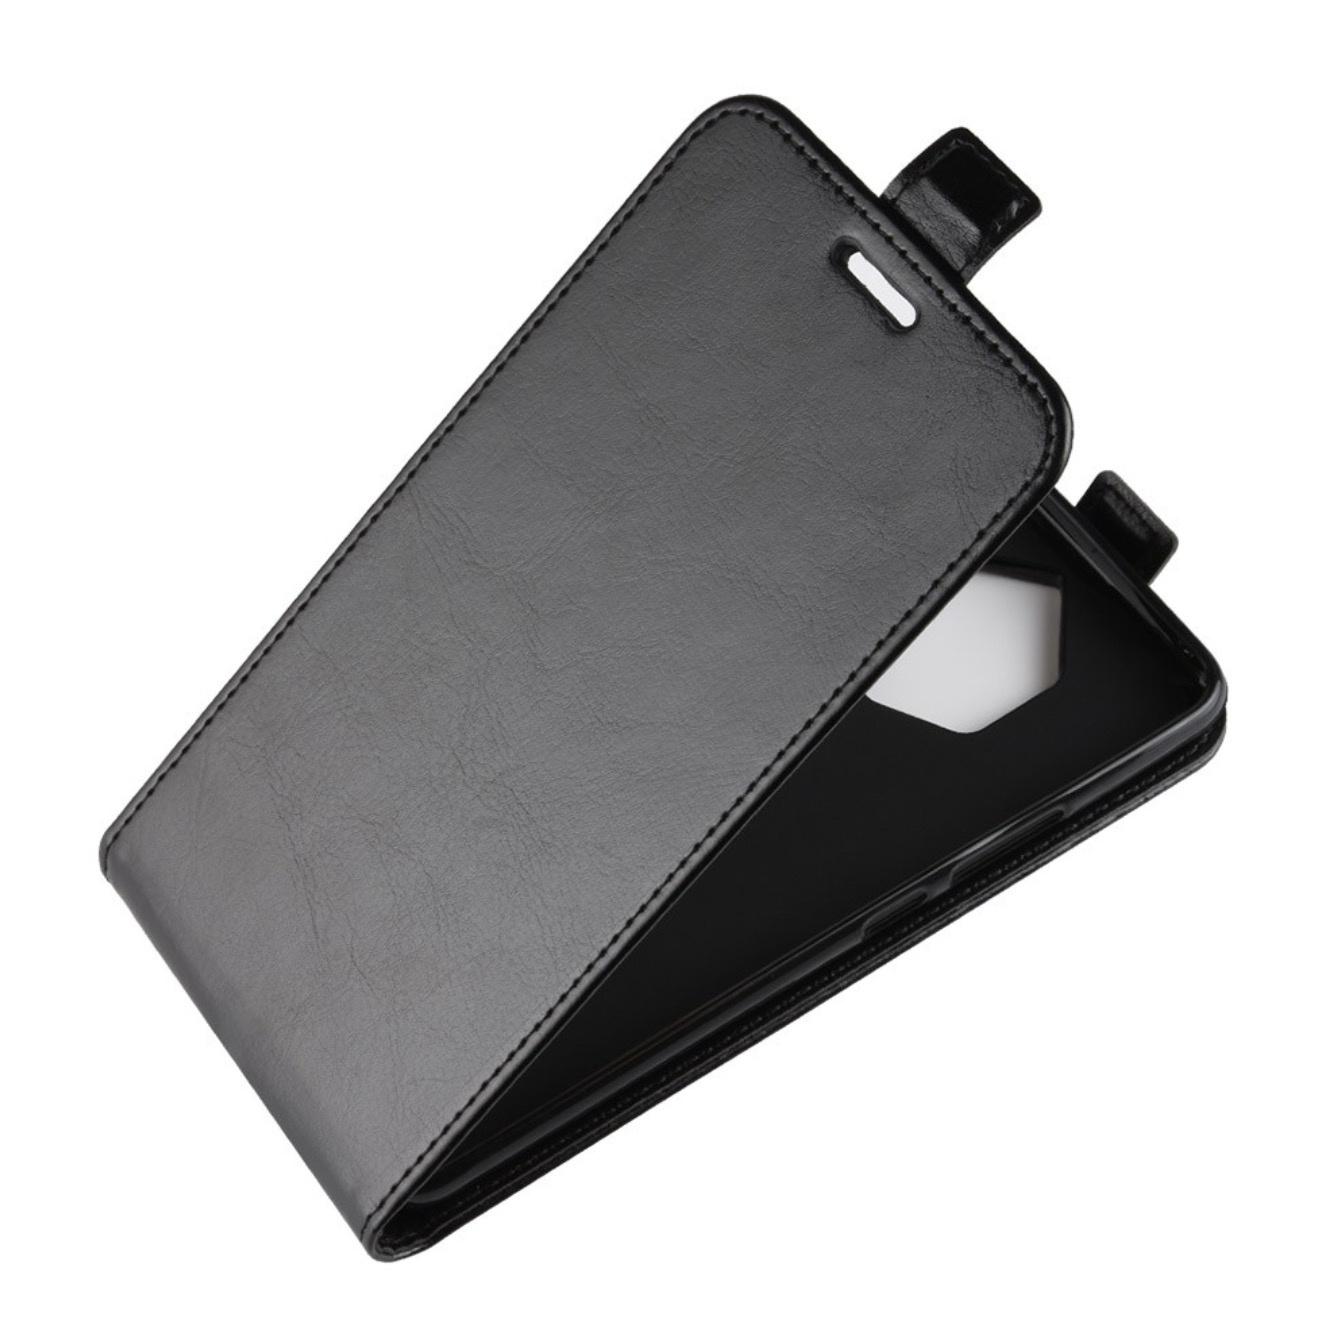 Чехол-флип MyPads для Sony Xperia E4/ E4 Dual E2105/E2115 вертикальный откидной черный цена и фото